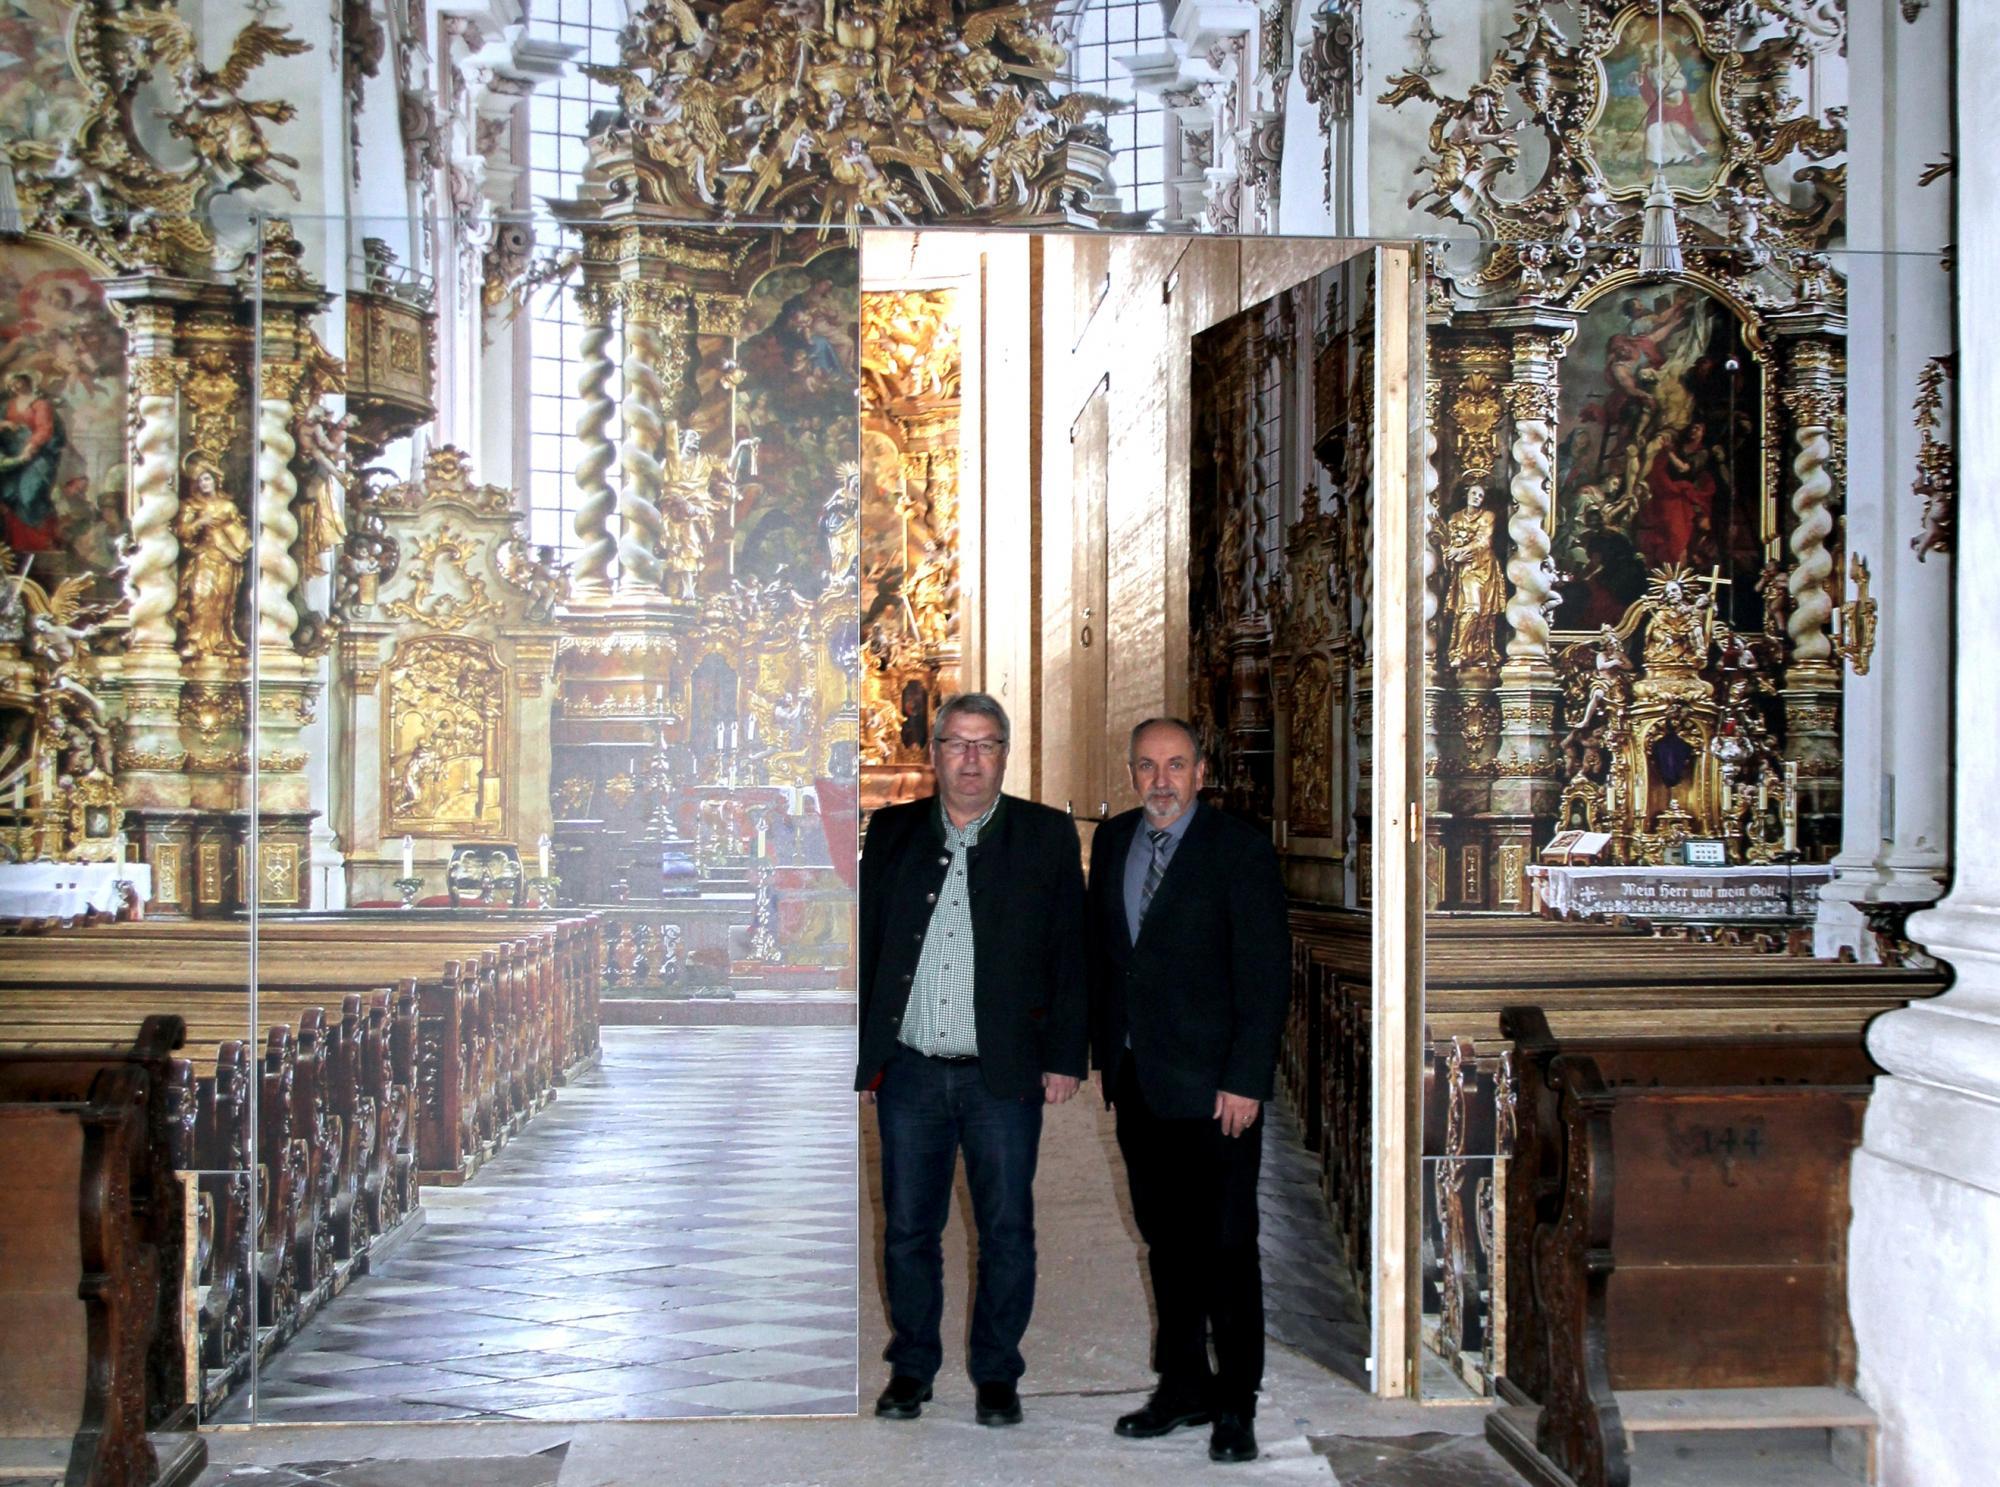 Asamkirche-Aldersbach_Innenraum-auf-Großleinwand_IMG_3043_Viemann